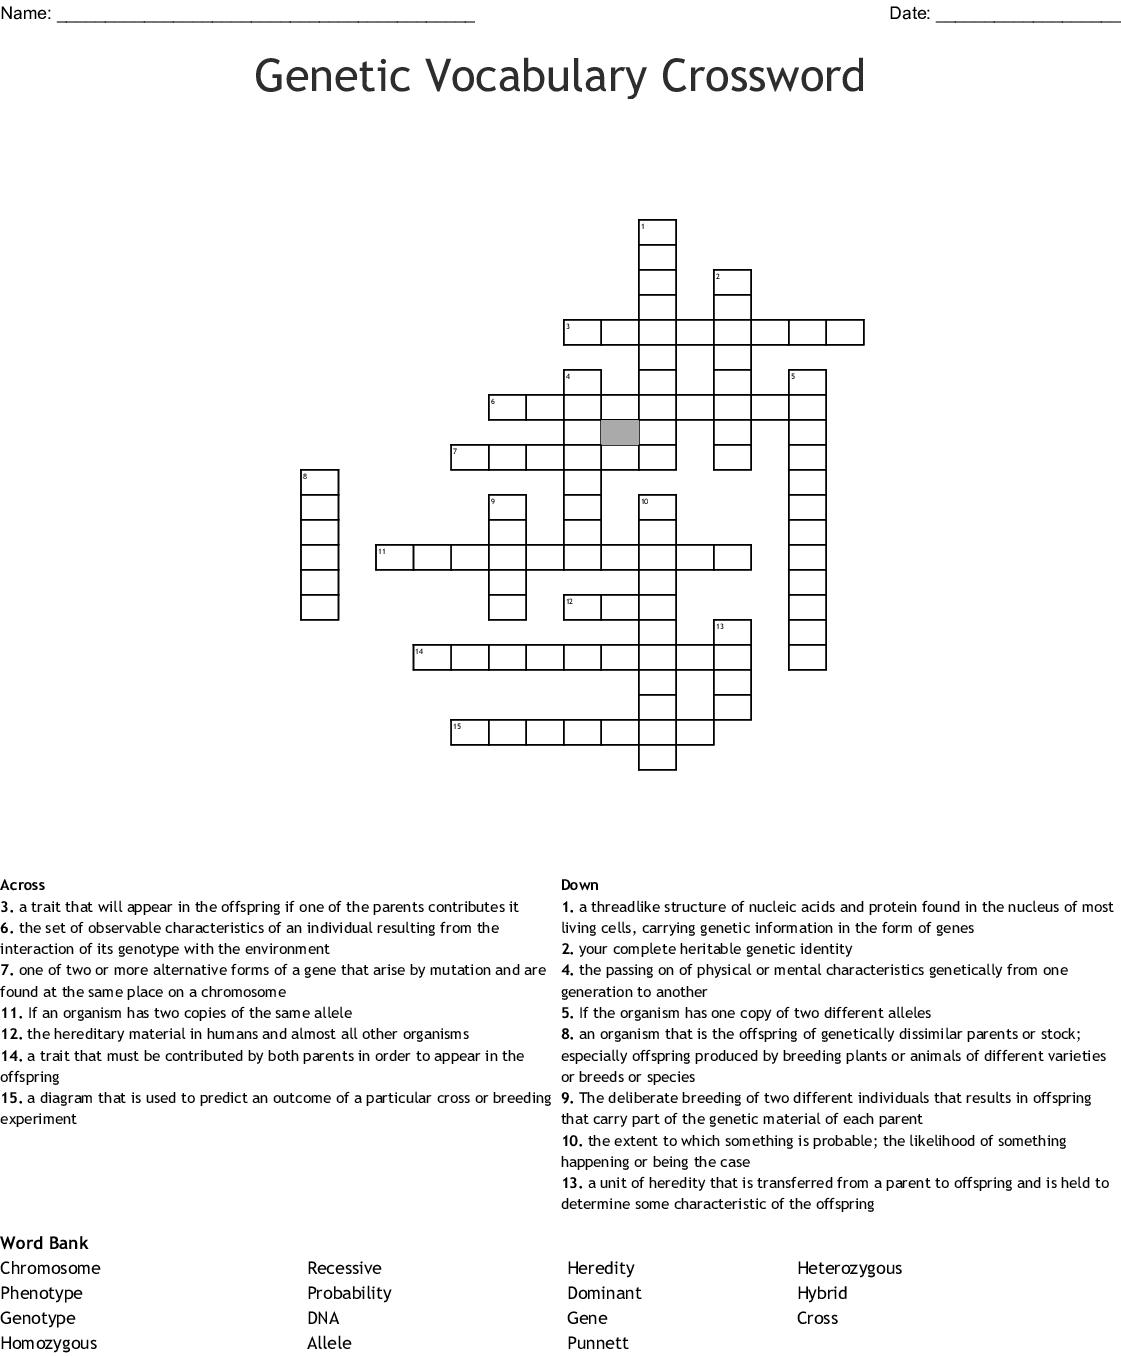 Genetic Vocabulary Crossword